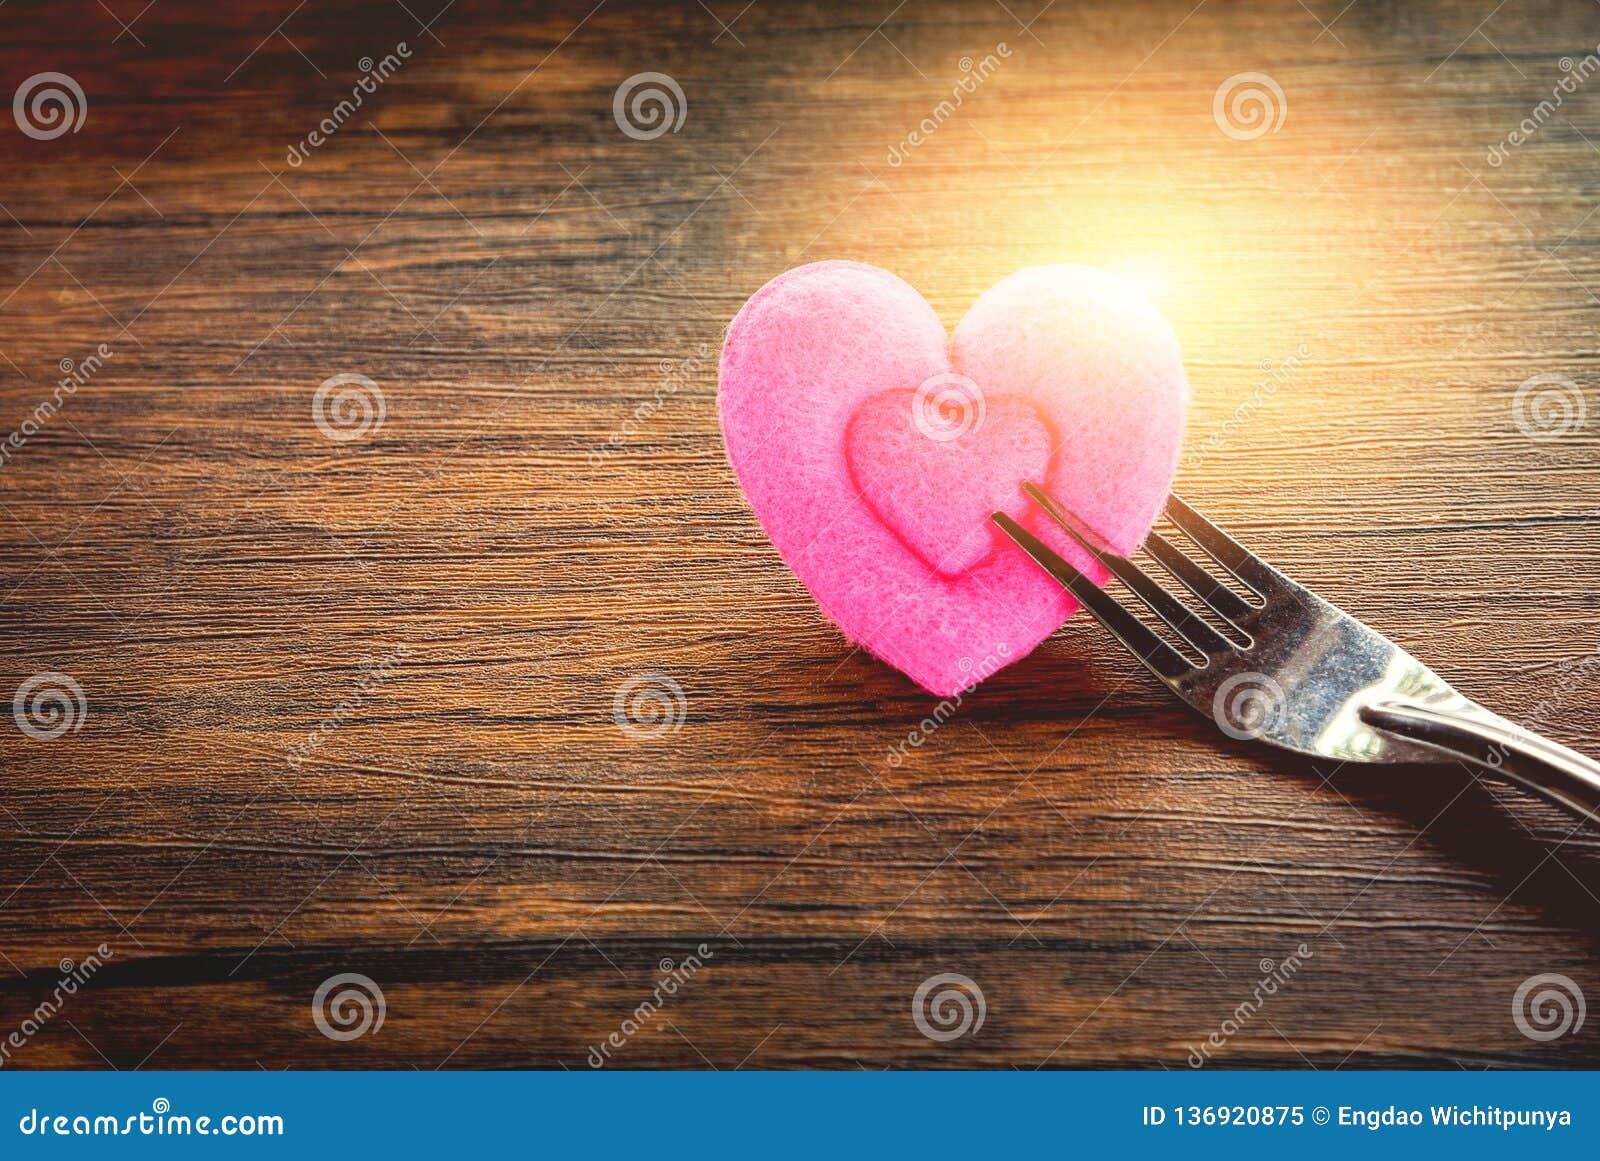 Еда любов обедающего валентинок романтичная и любит сварить концепцию - романтичную украшенную сервировку стола